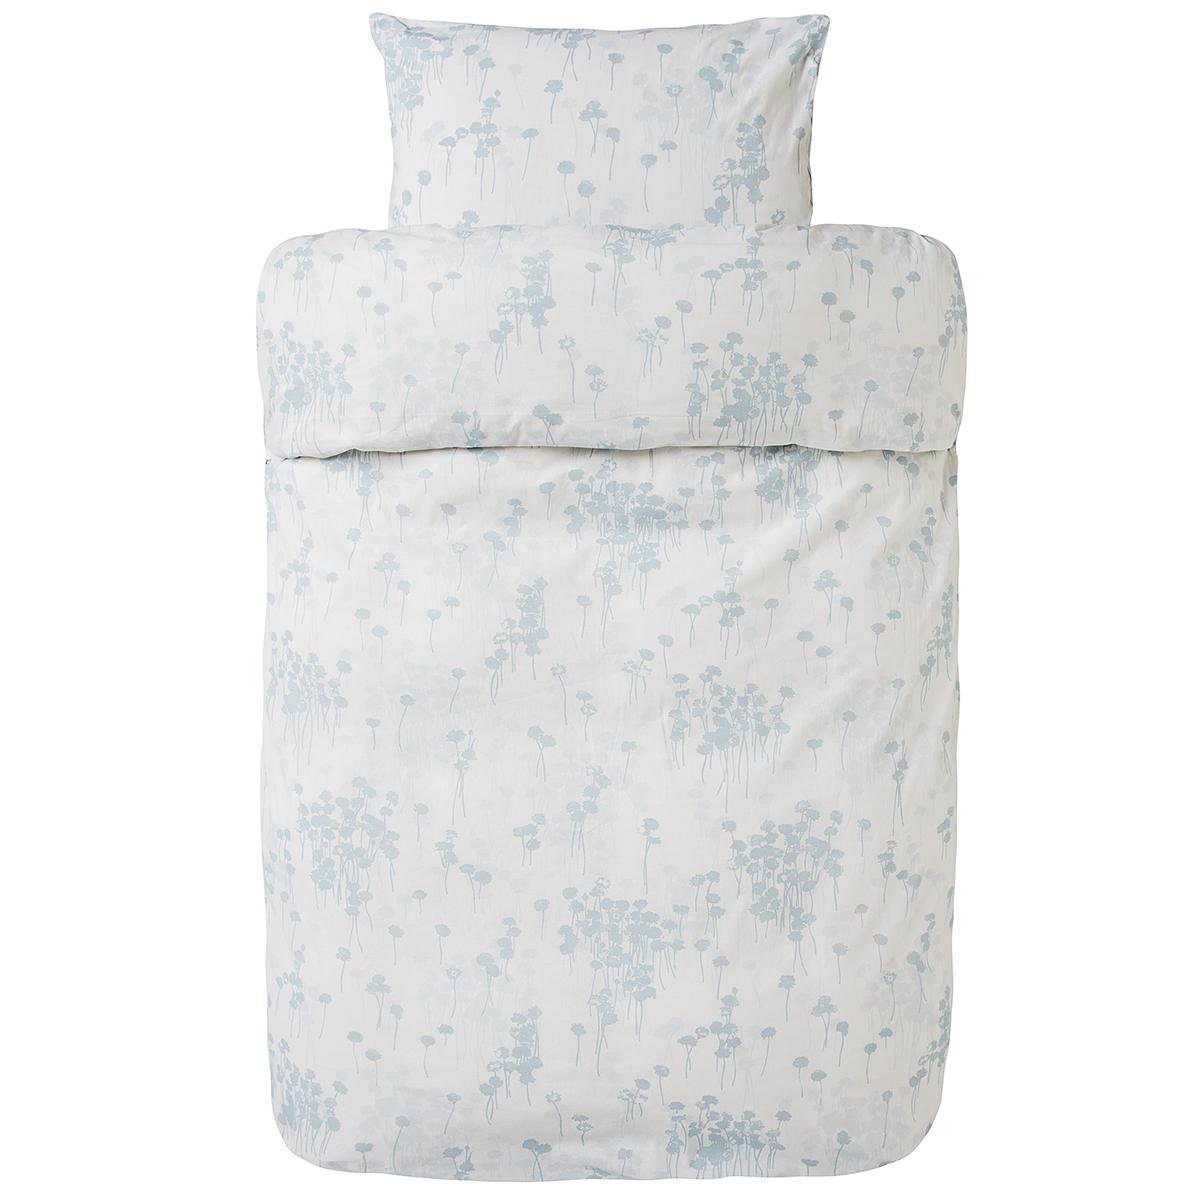 Billede af Mascot sengetøj - Ellen - Blå